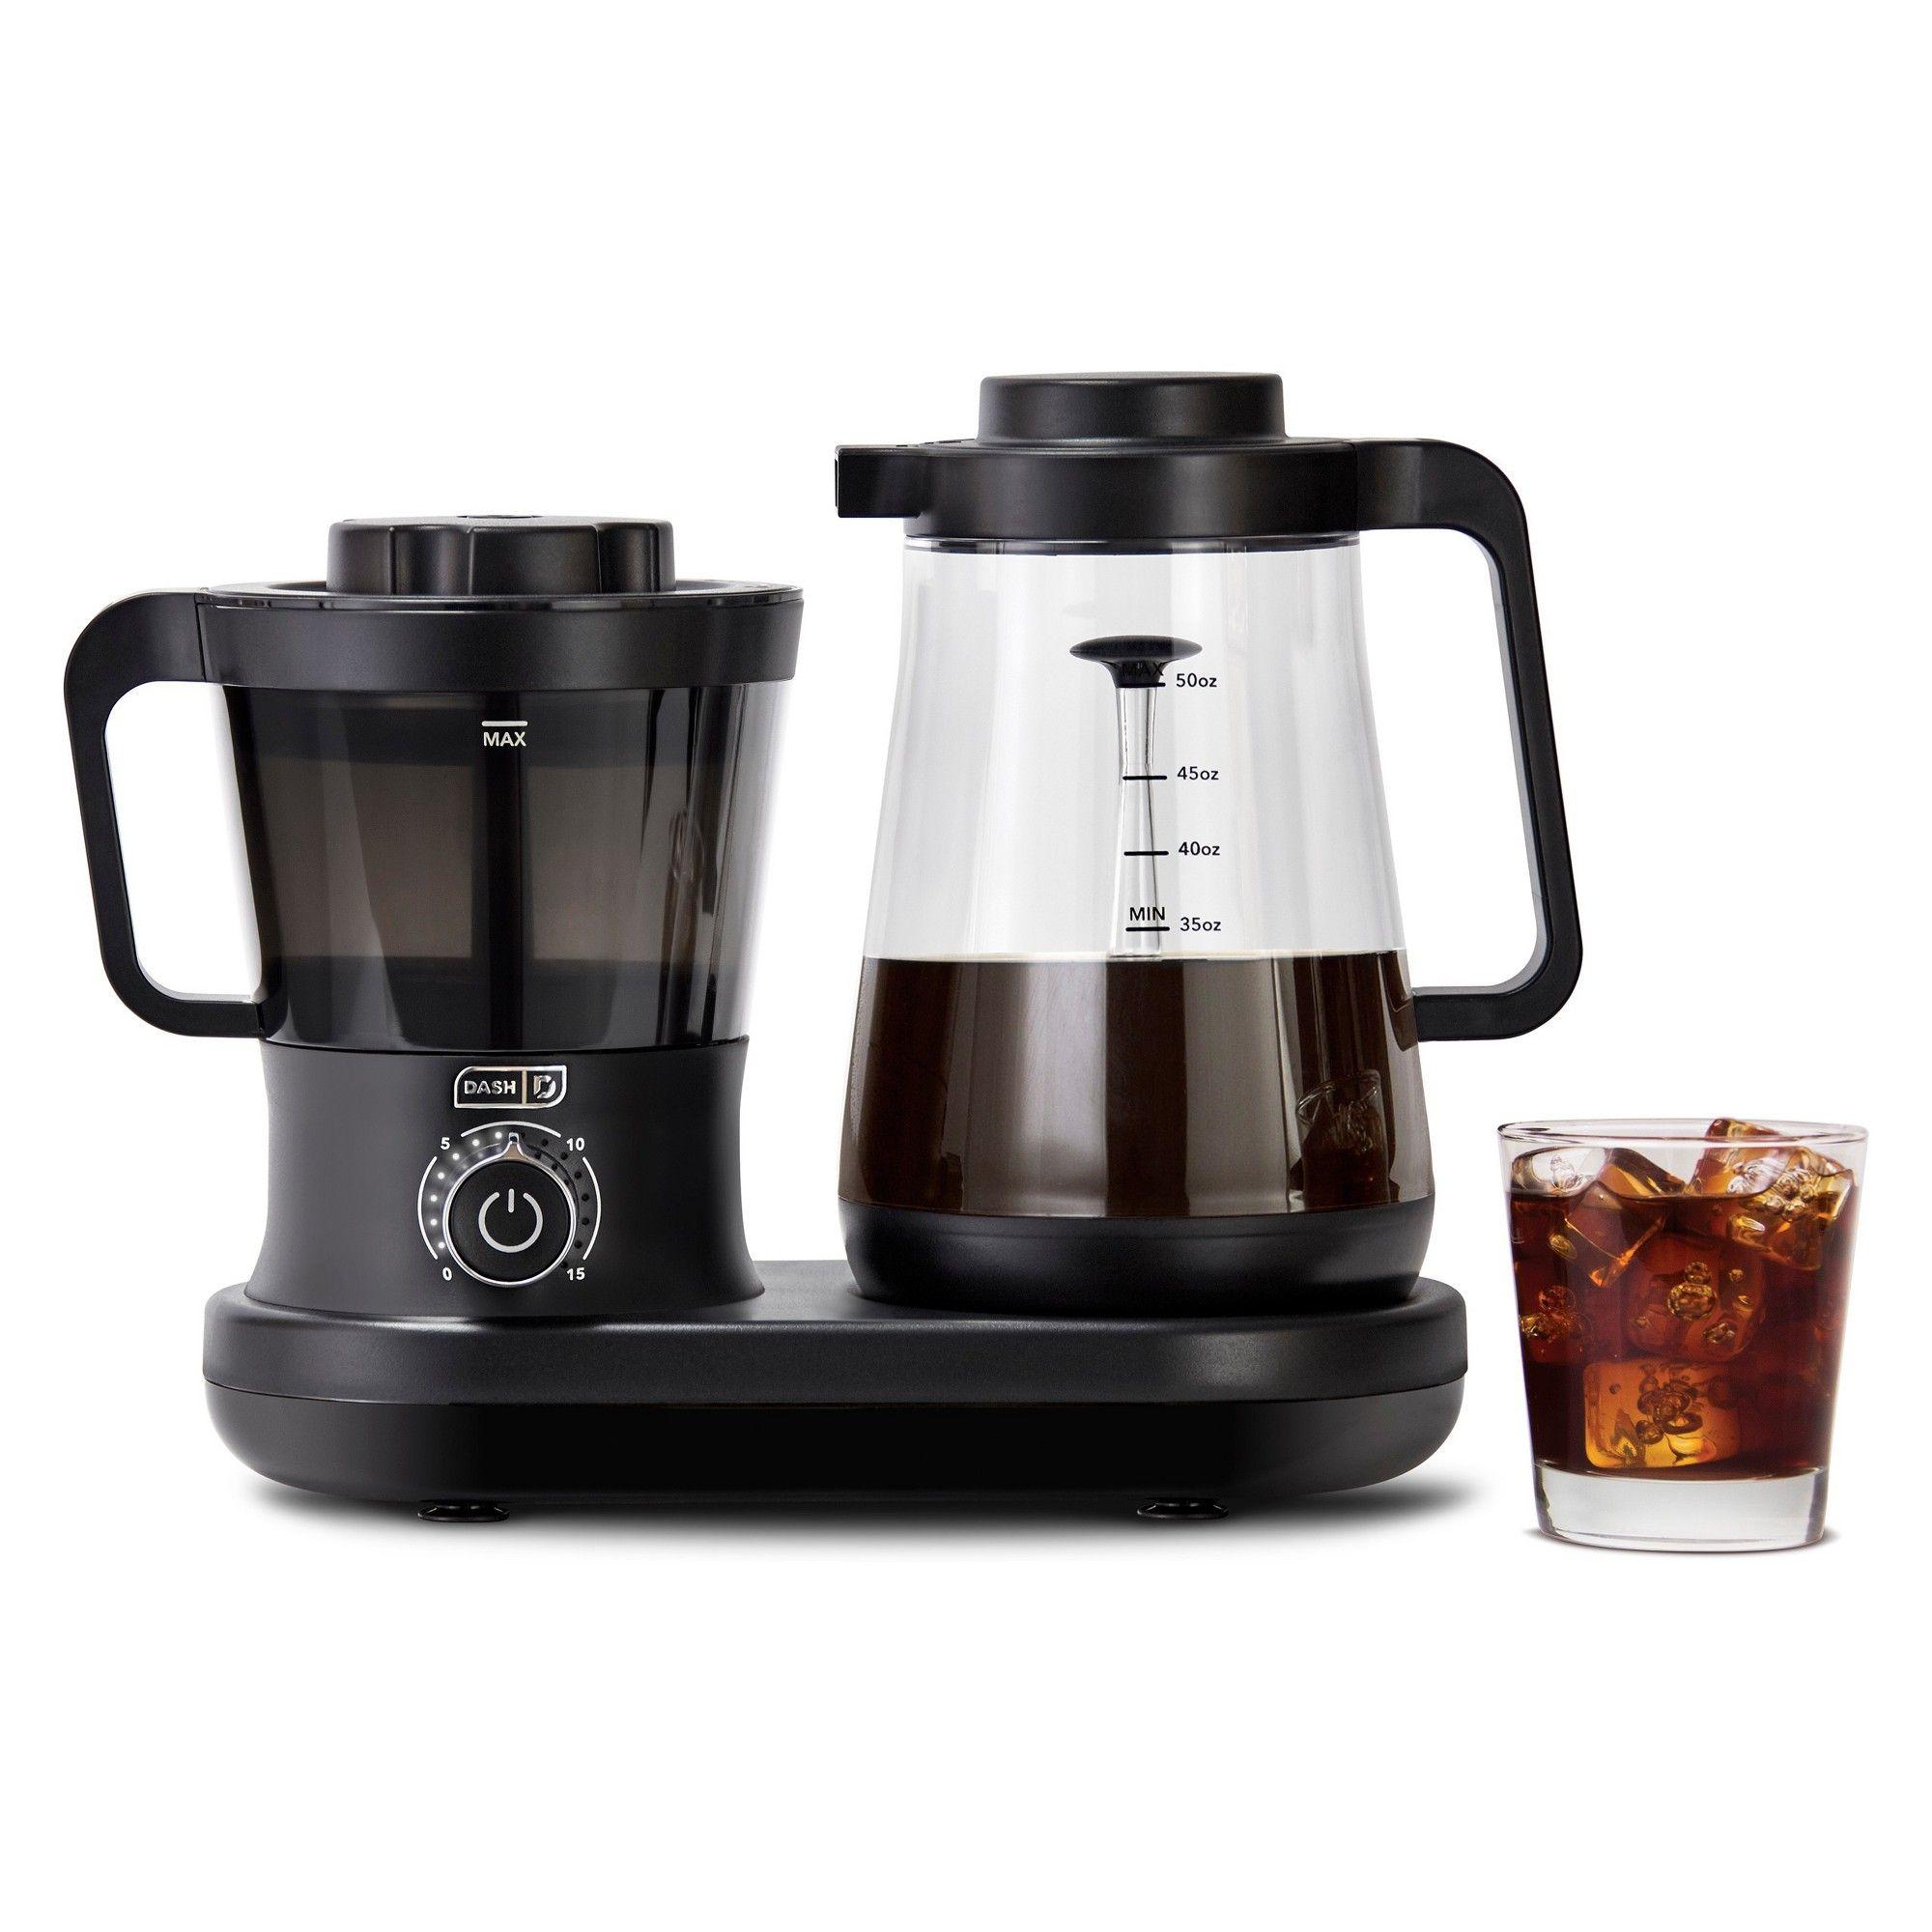 Dash Cold Brew Coffee Maker Black Cold brew coffee